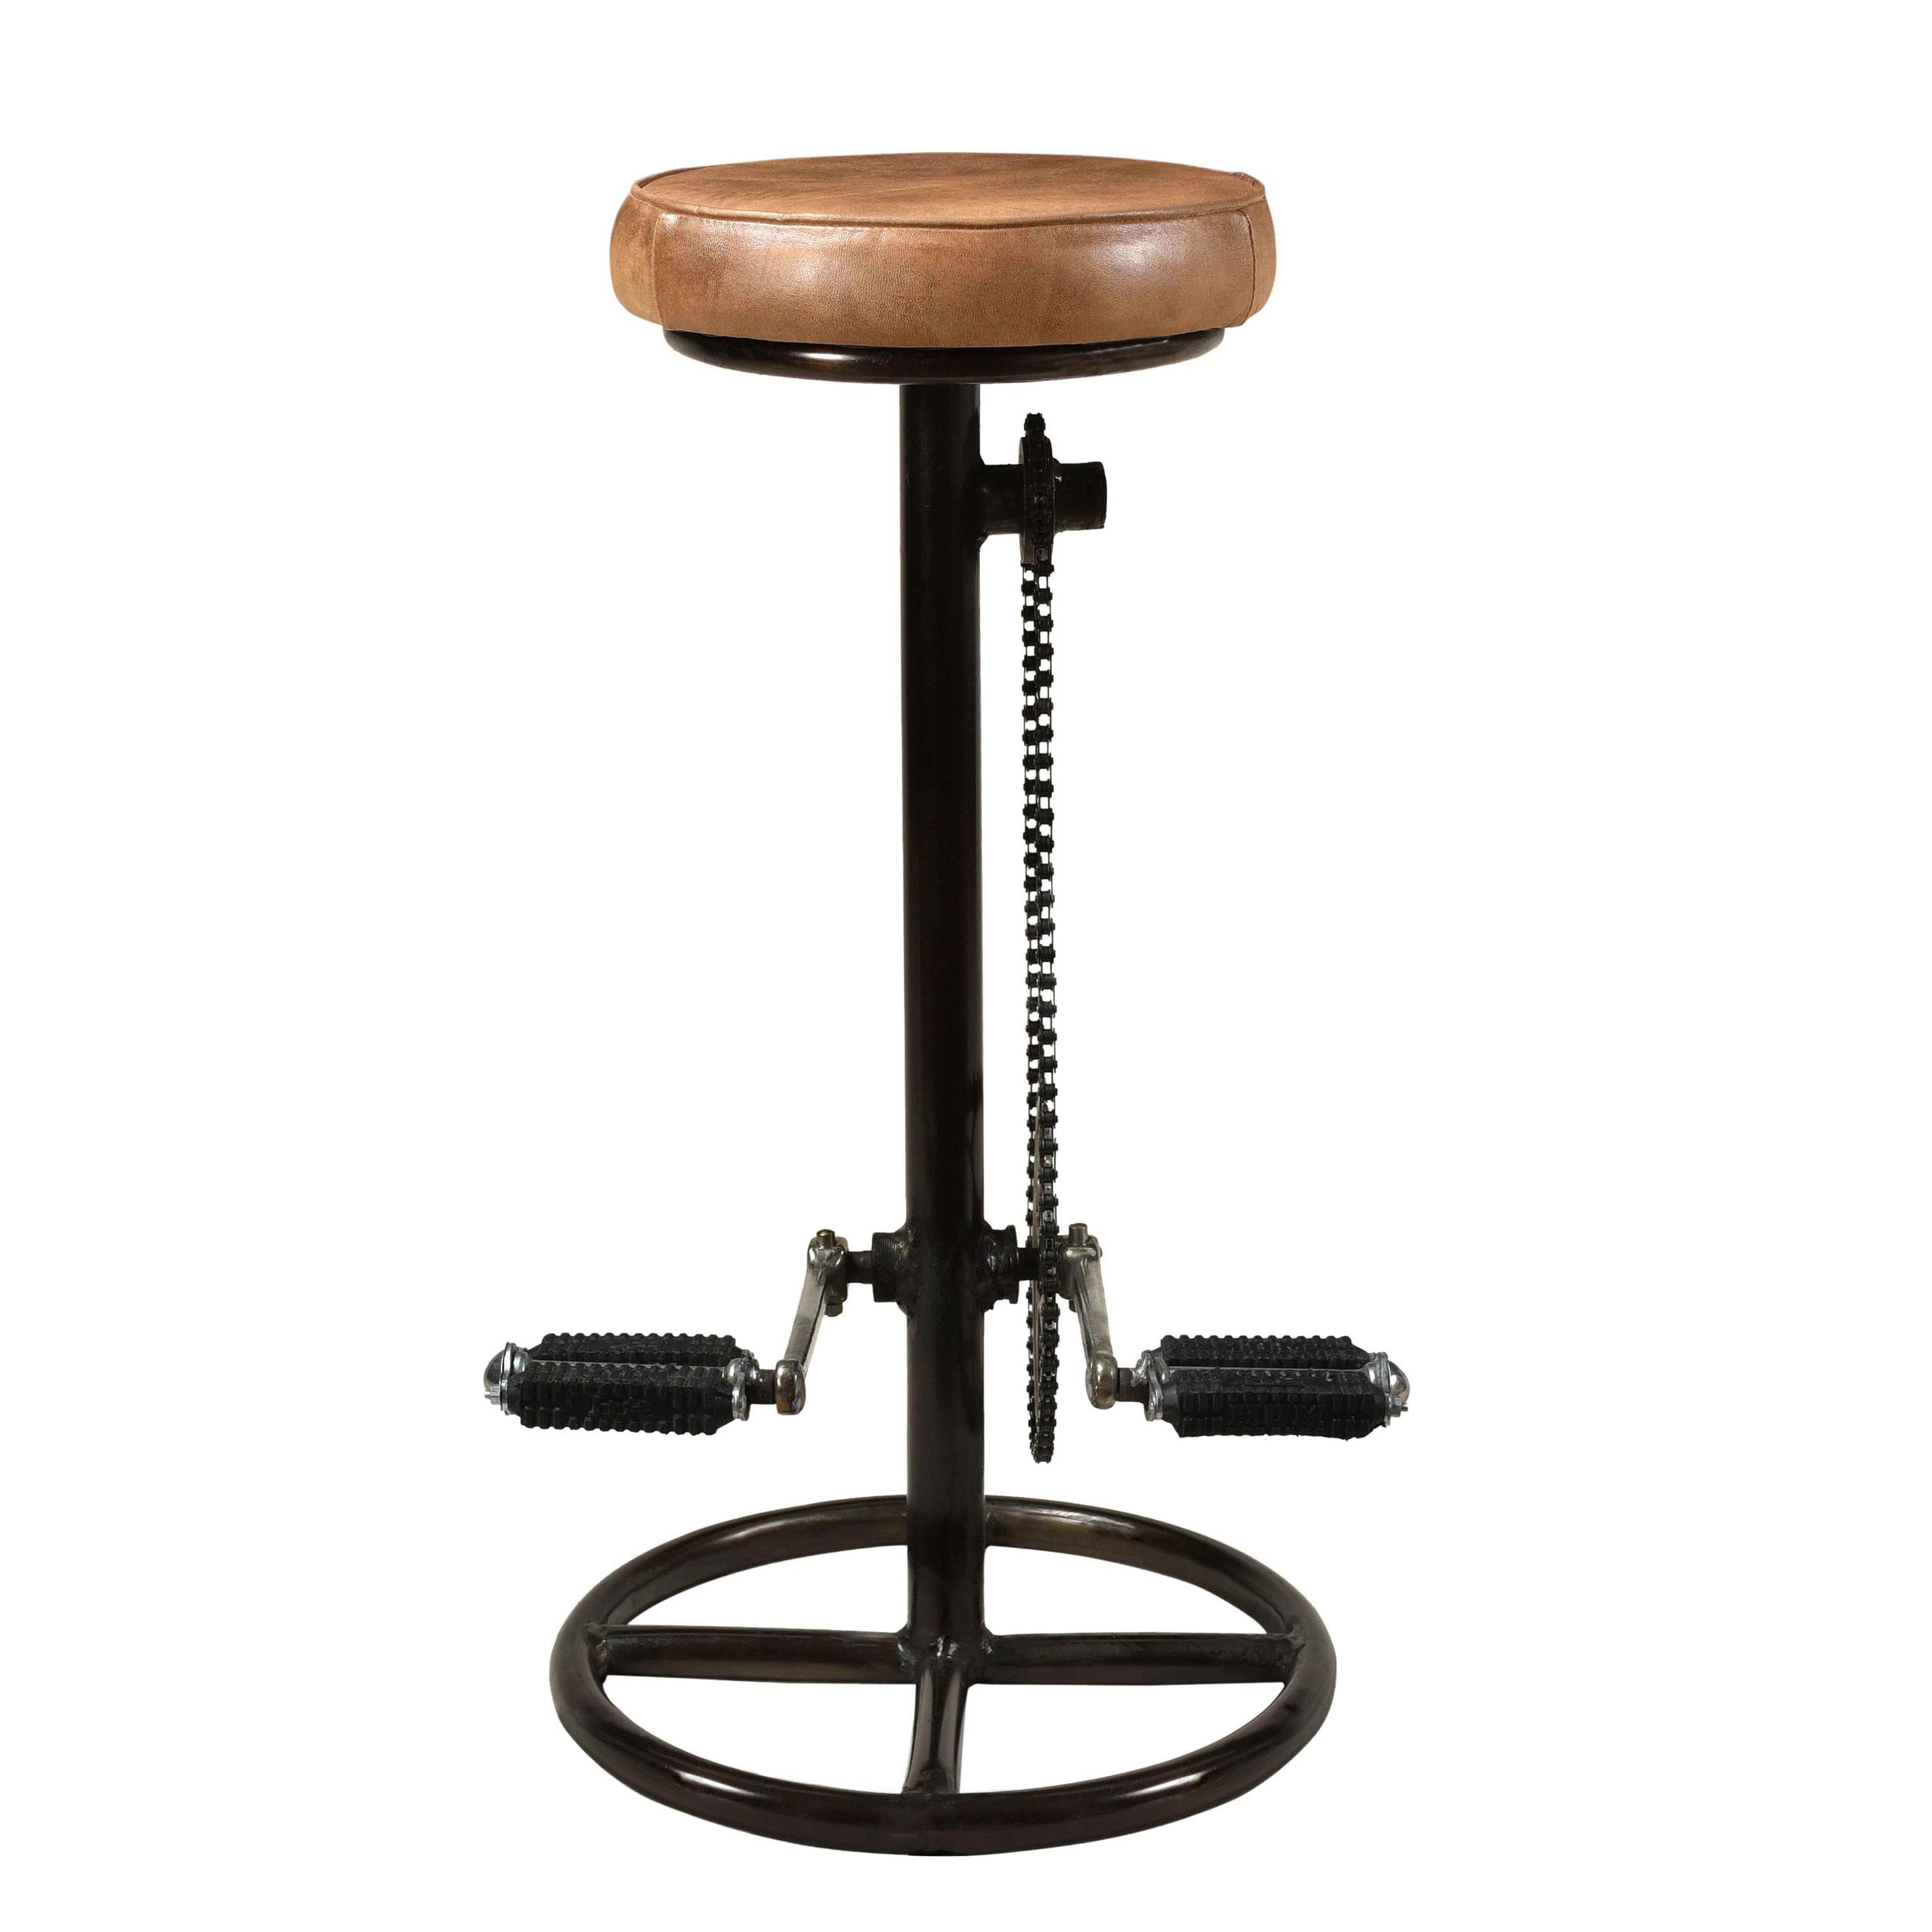 Tabouret de bar 73 cm en cuir marron